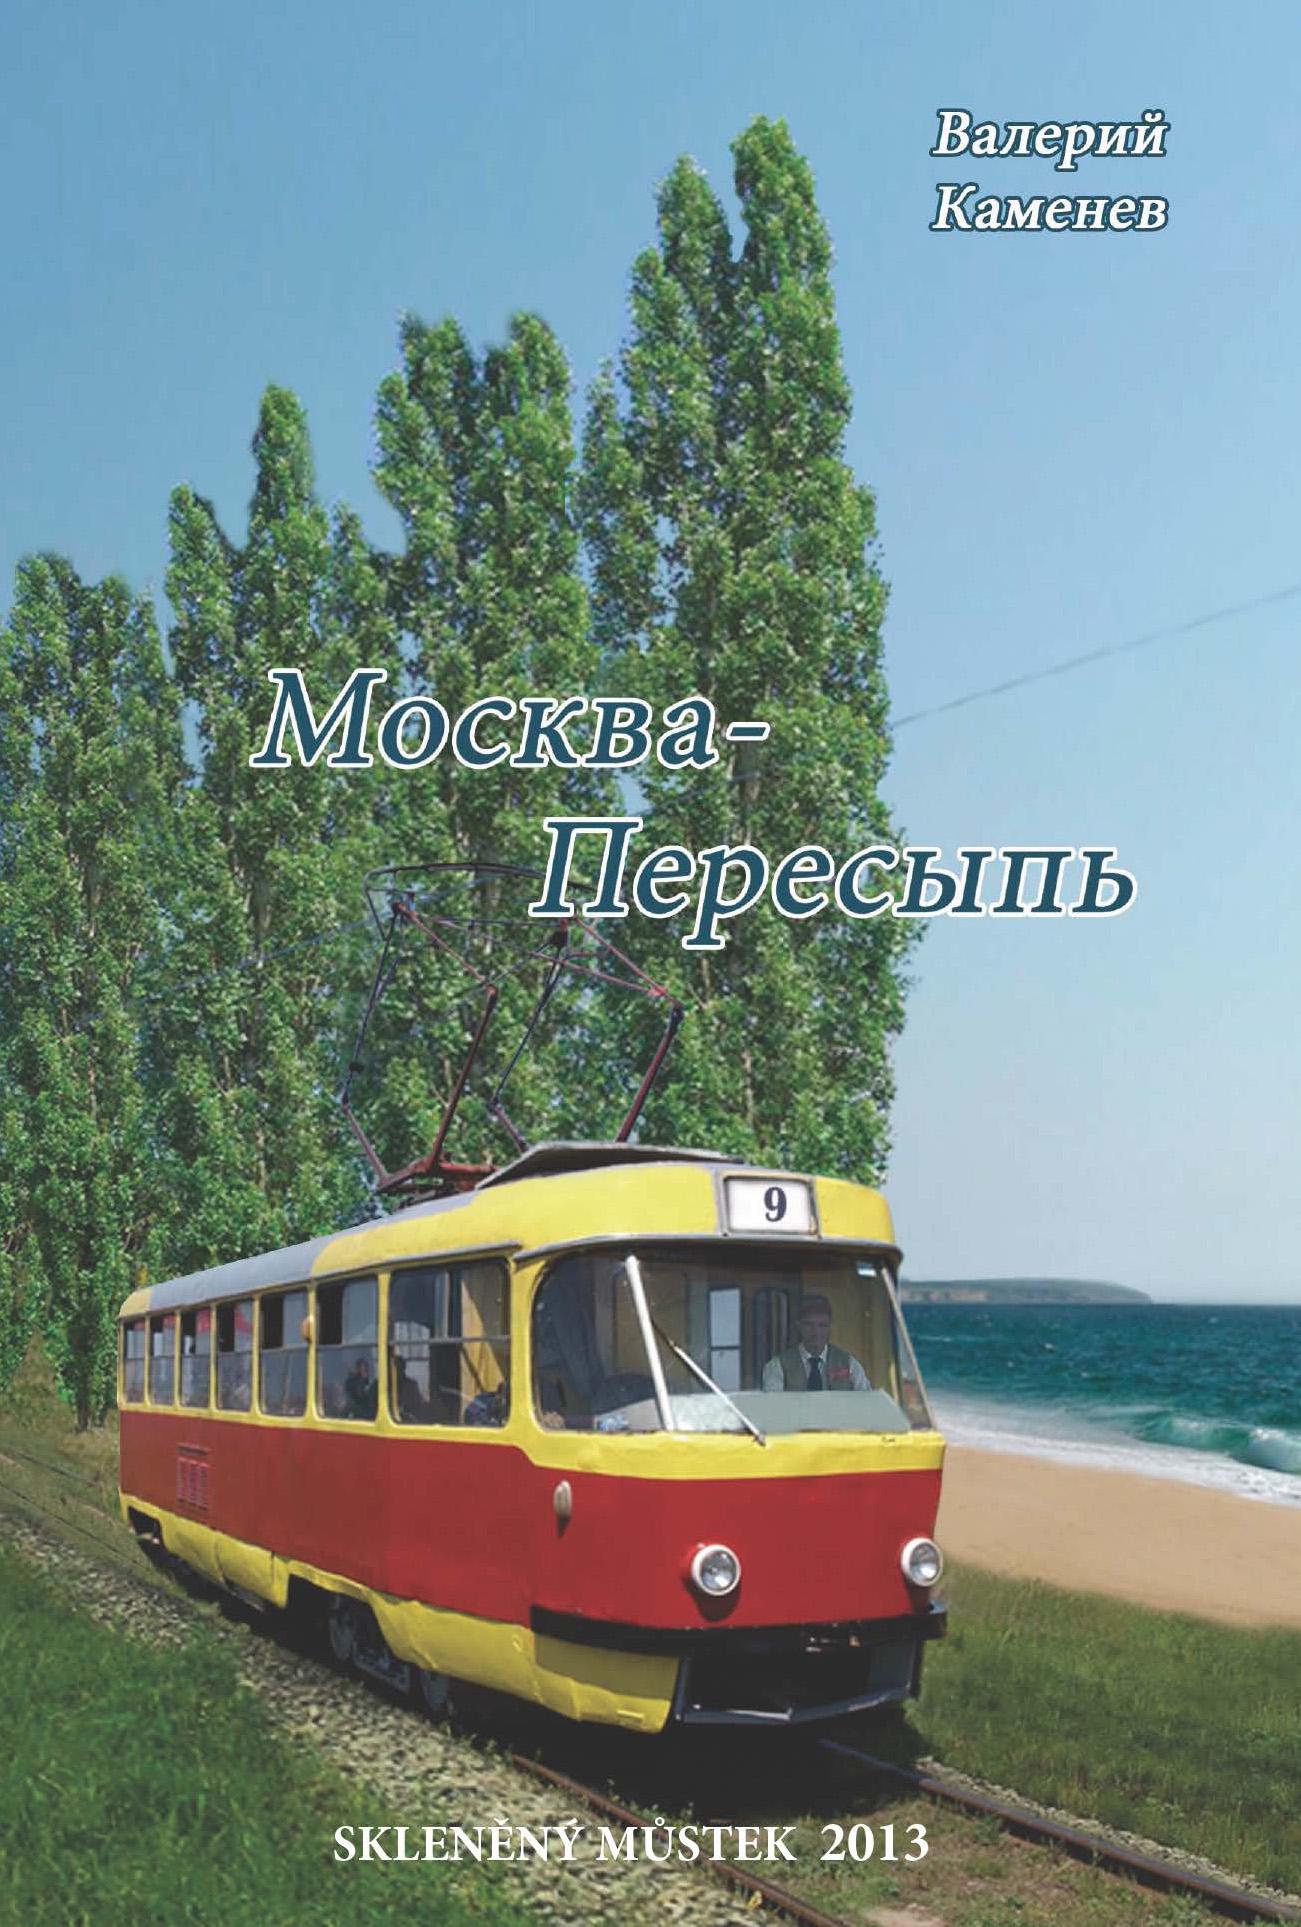 Валерий Каменев Москва-Пересыпь (сборник)